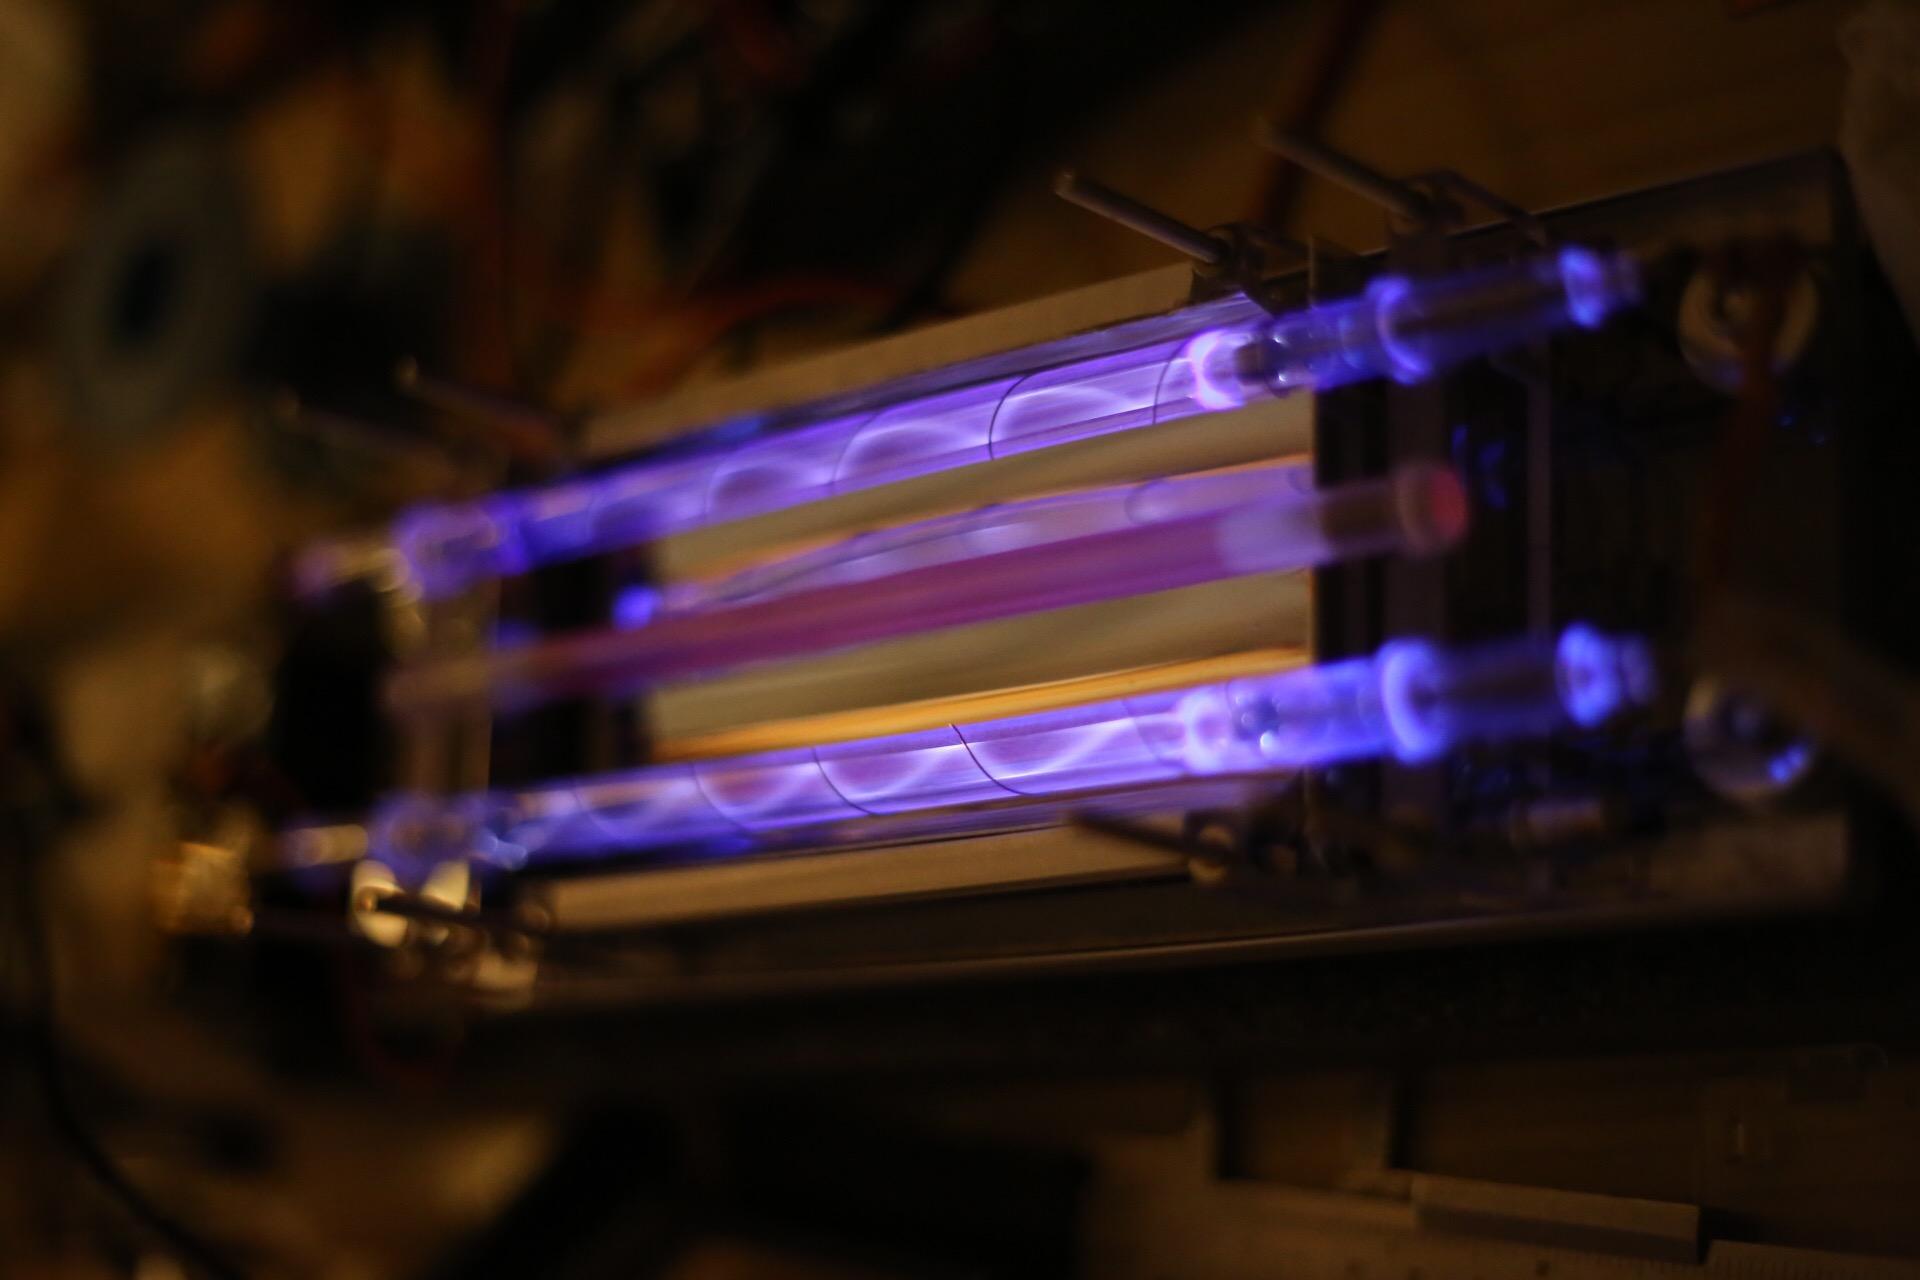 LaserBrewer - Piccoli Laser costruiti artigianalmente nel proprio garage e altri progetti...